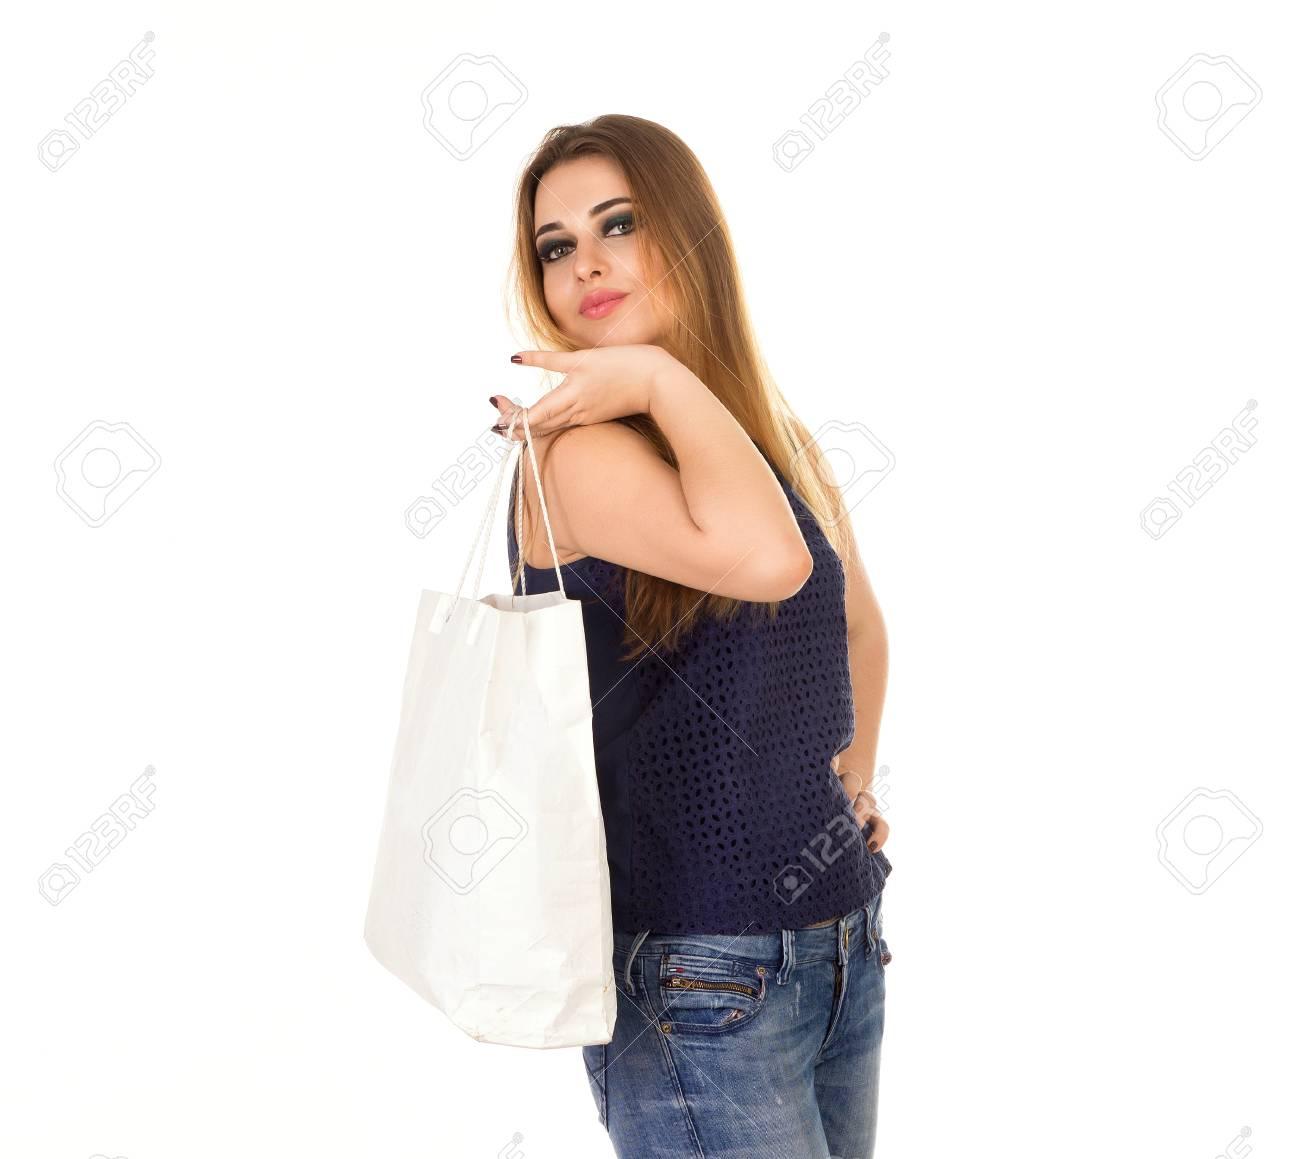 La mujer intight tejanos con el bolso blanco está de pie en el fondo blanco.